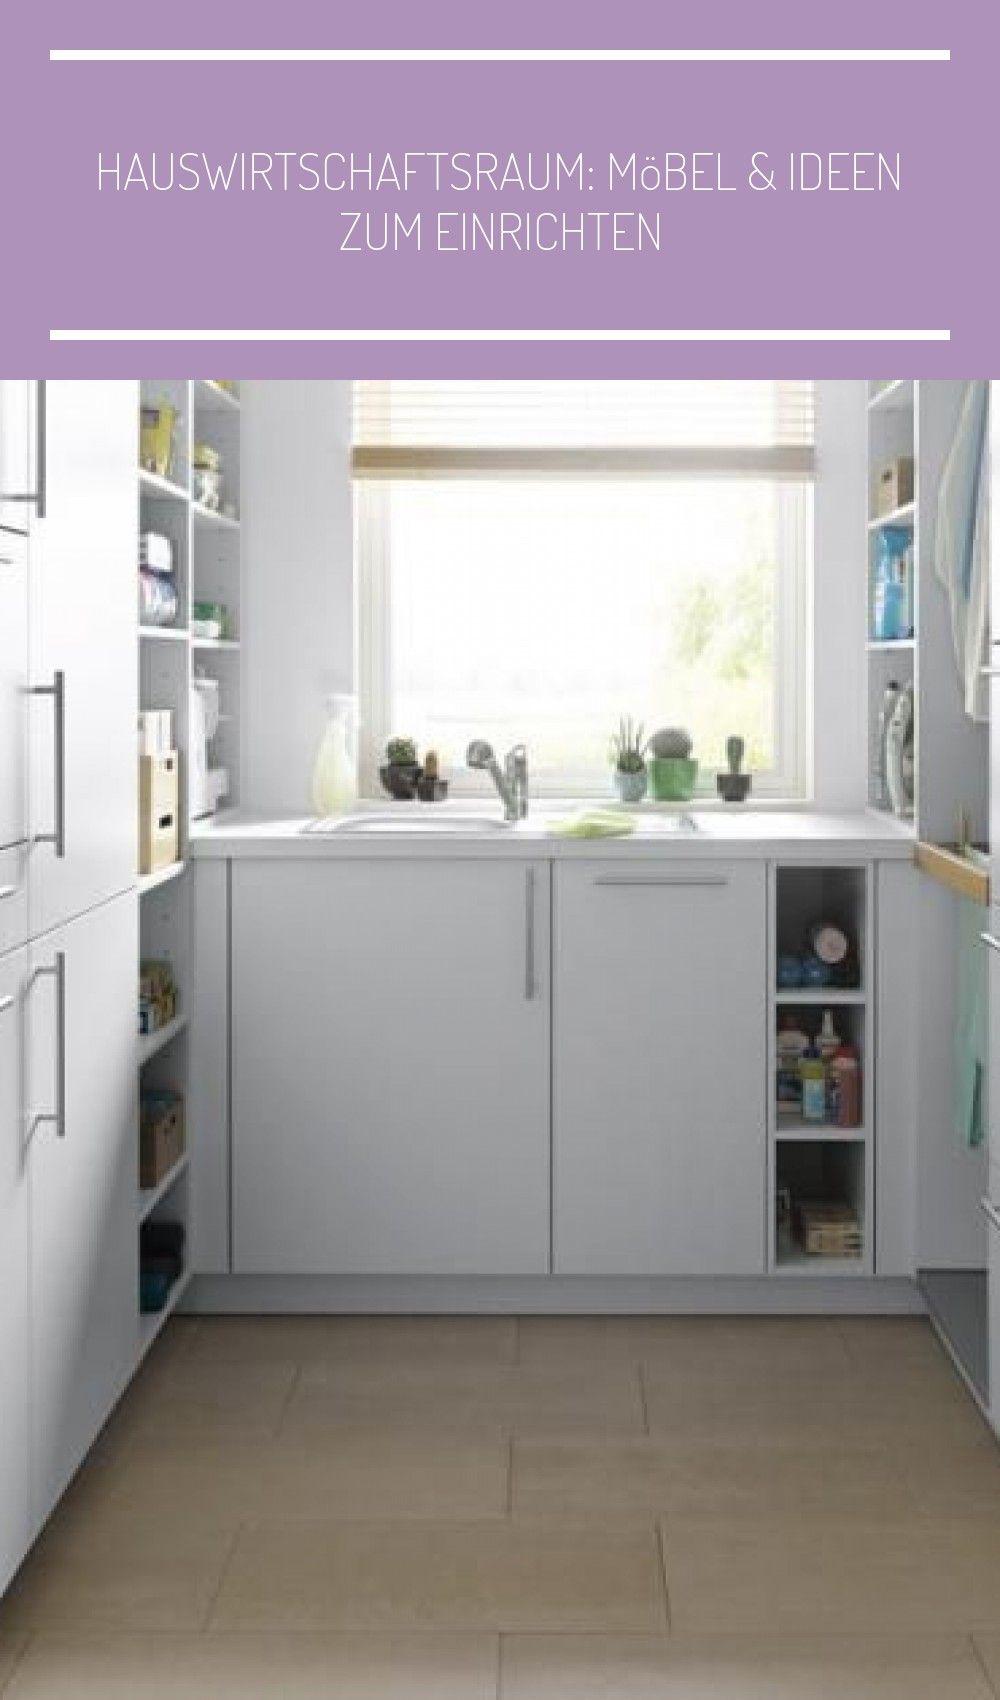 Hauswirtschaftsraum Mobel Und Ideen Zum Einrichten In 2020 Hauswirtschaftsraum Waschkuchendesign Und Haus Planung